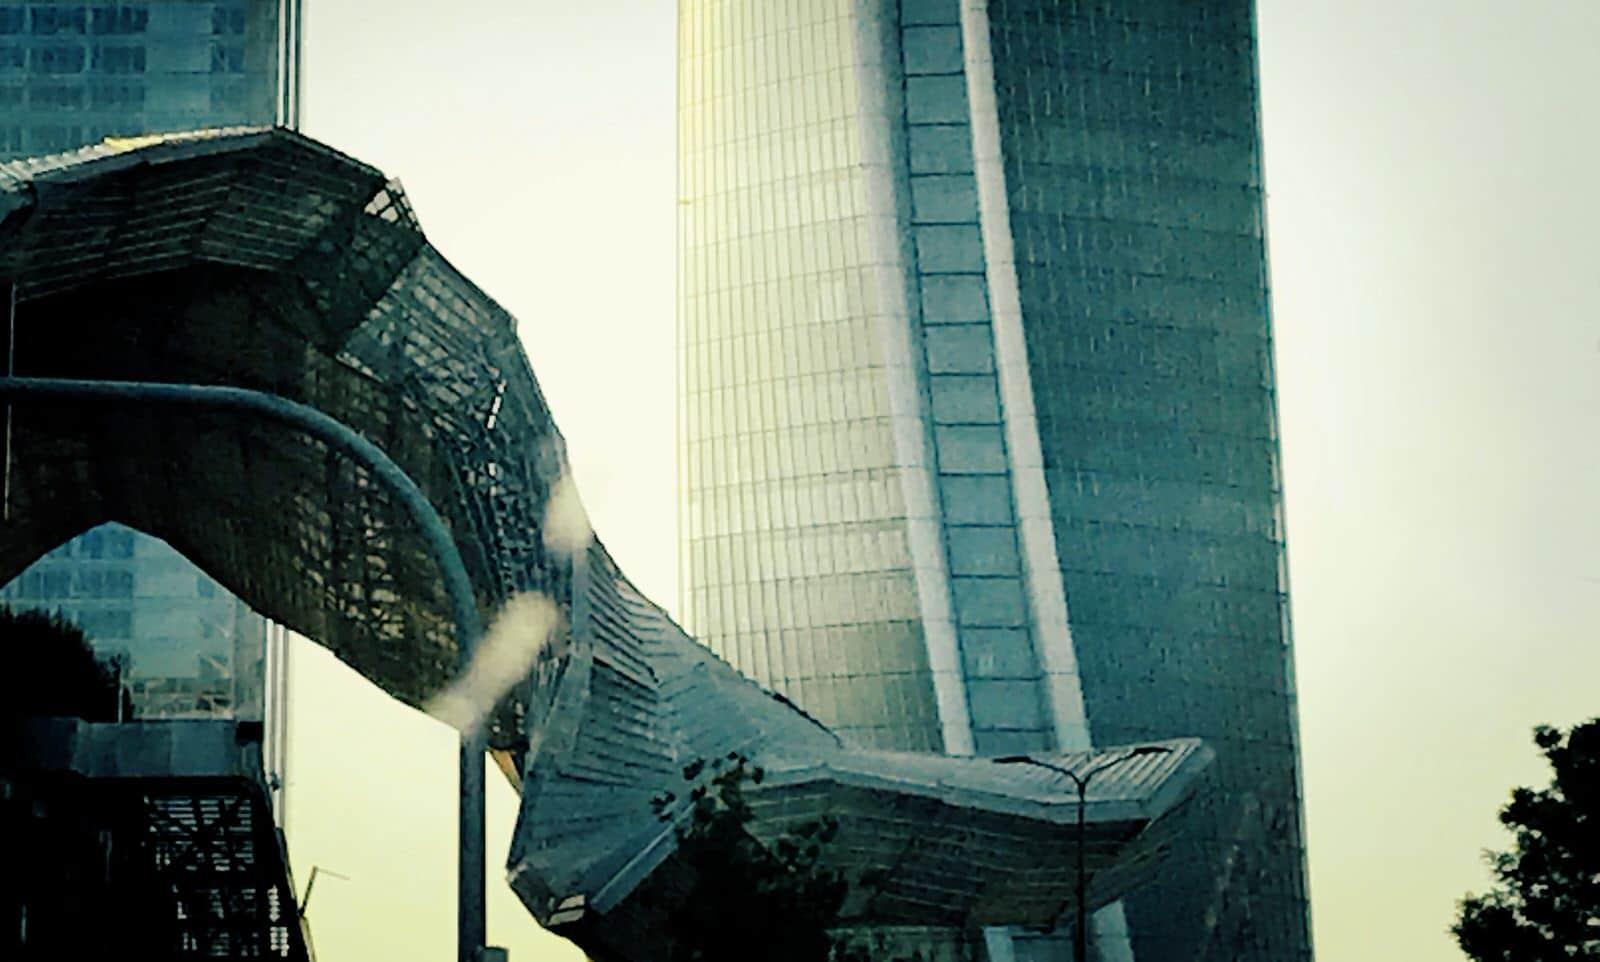 Immagine che rappresenta un grattacielo spettacolare che ci fa pensare al primato delle emozioni quotidiane rispetto alla riflessività.